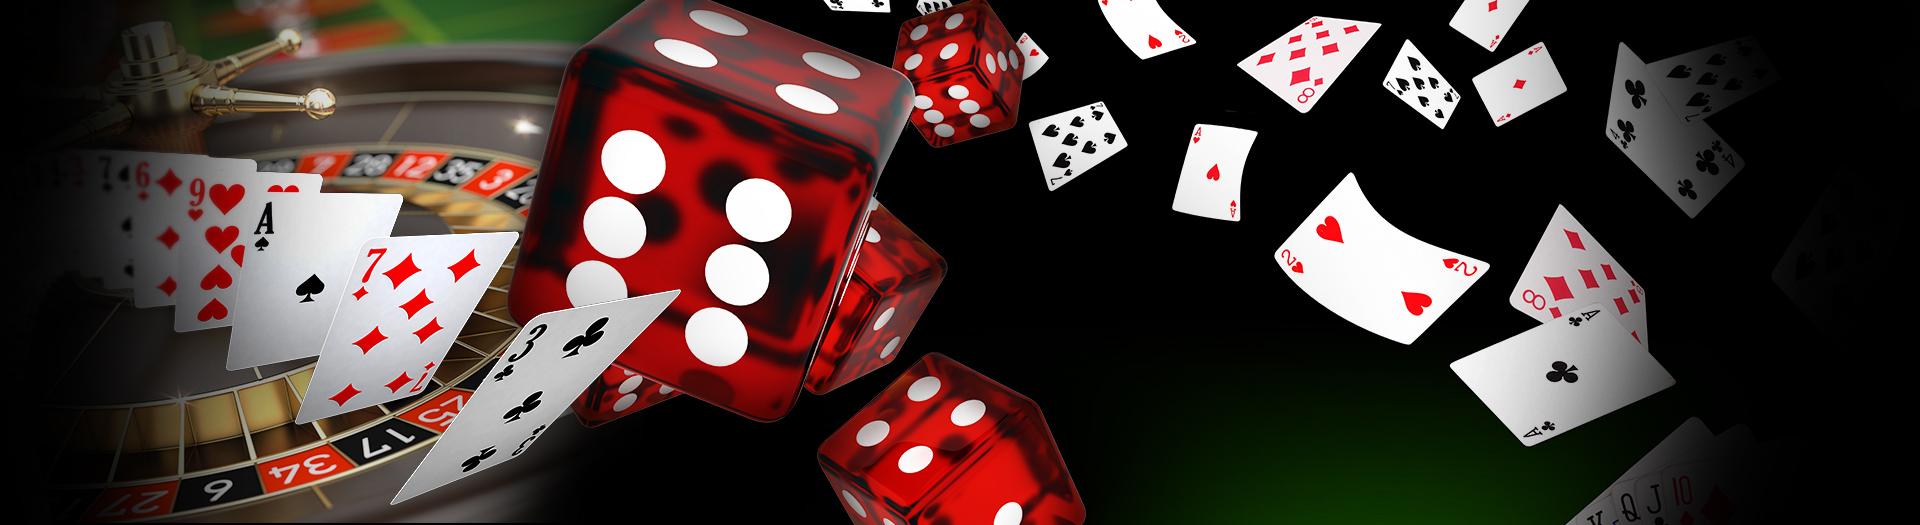 888 casino to 888 poker